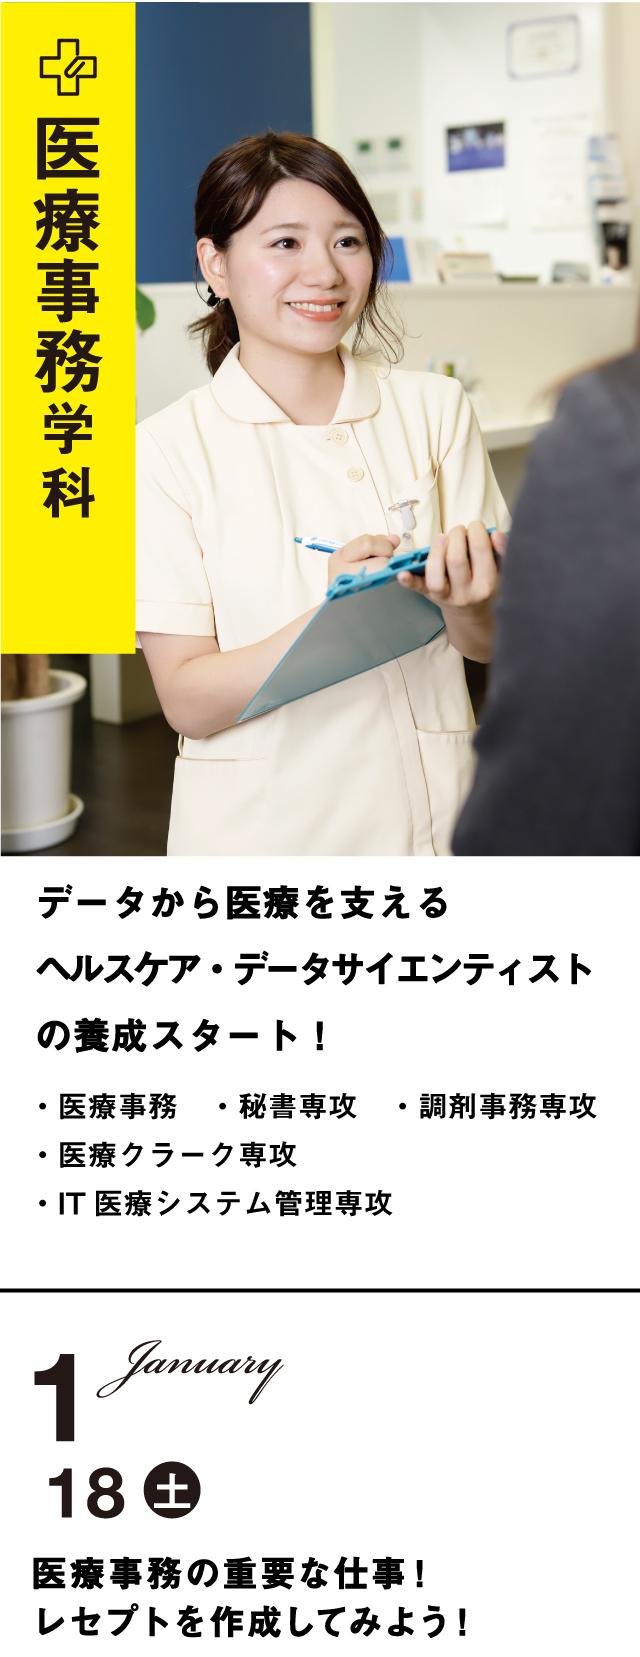 02_医療事務_01